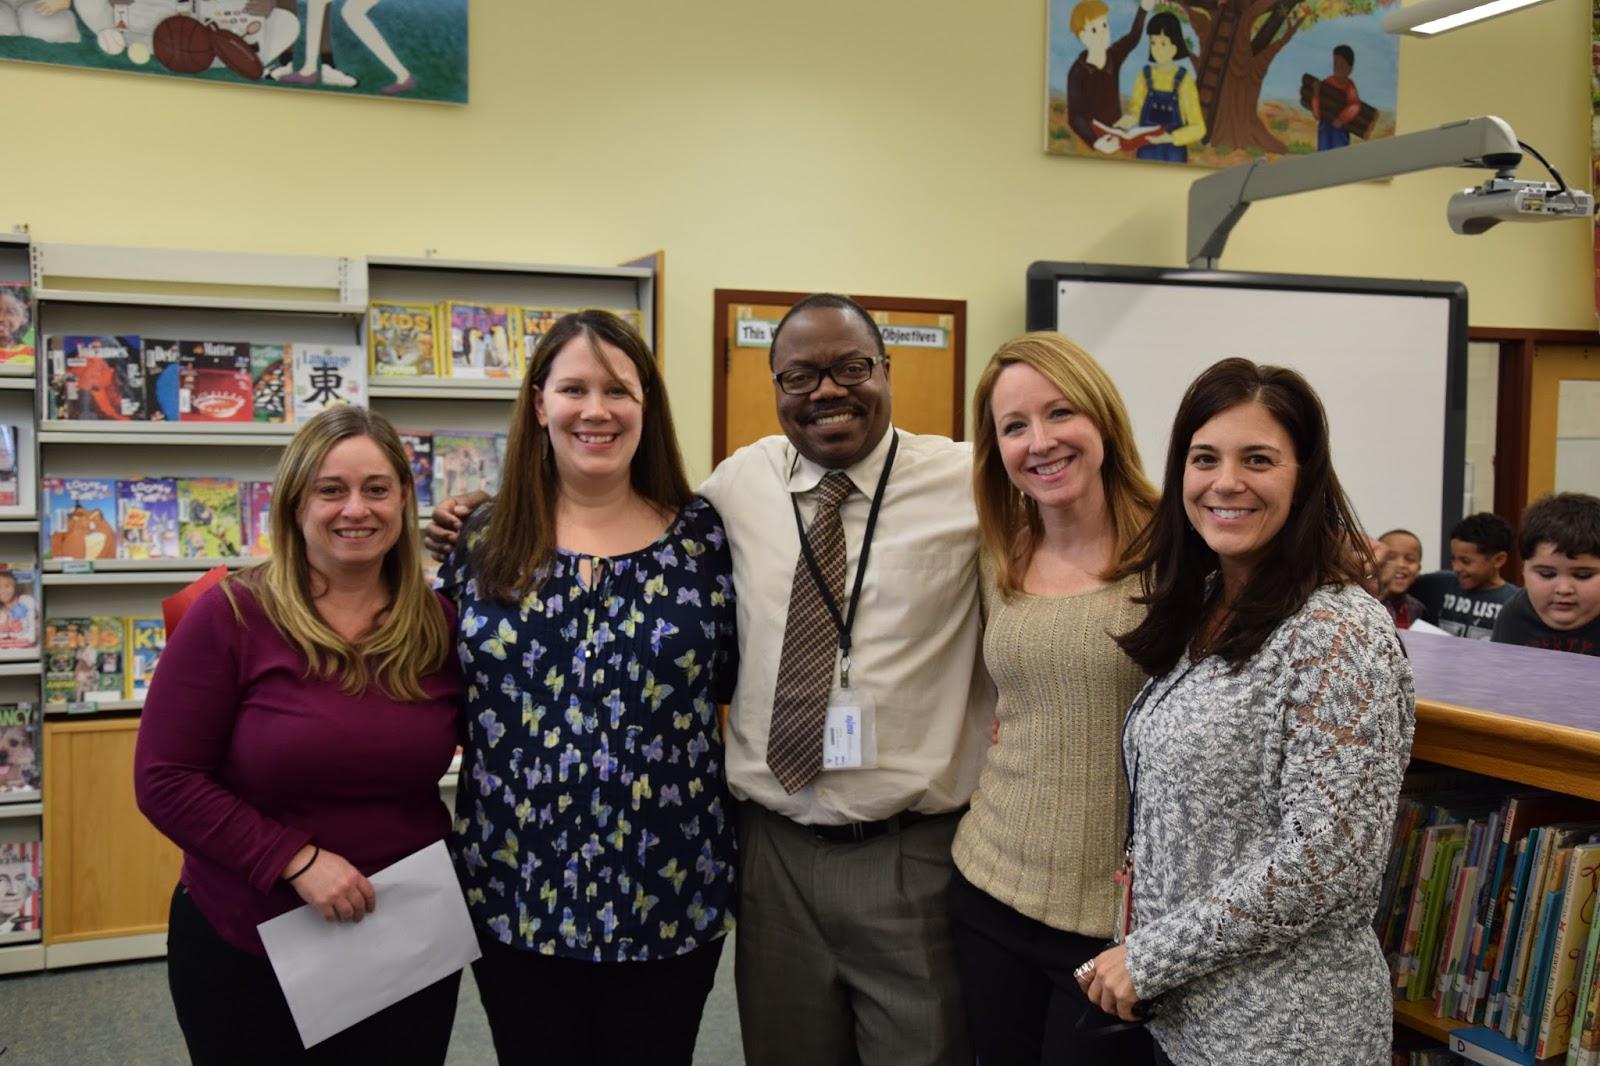 Hillside Elementary School Library: 3rd Grade Readers ...